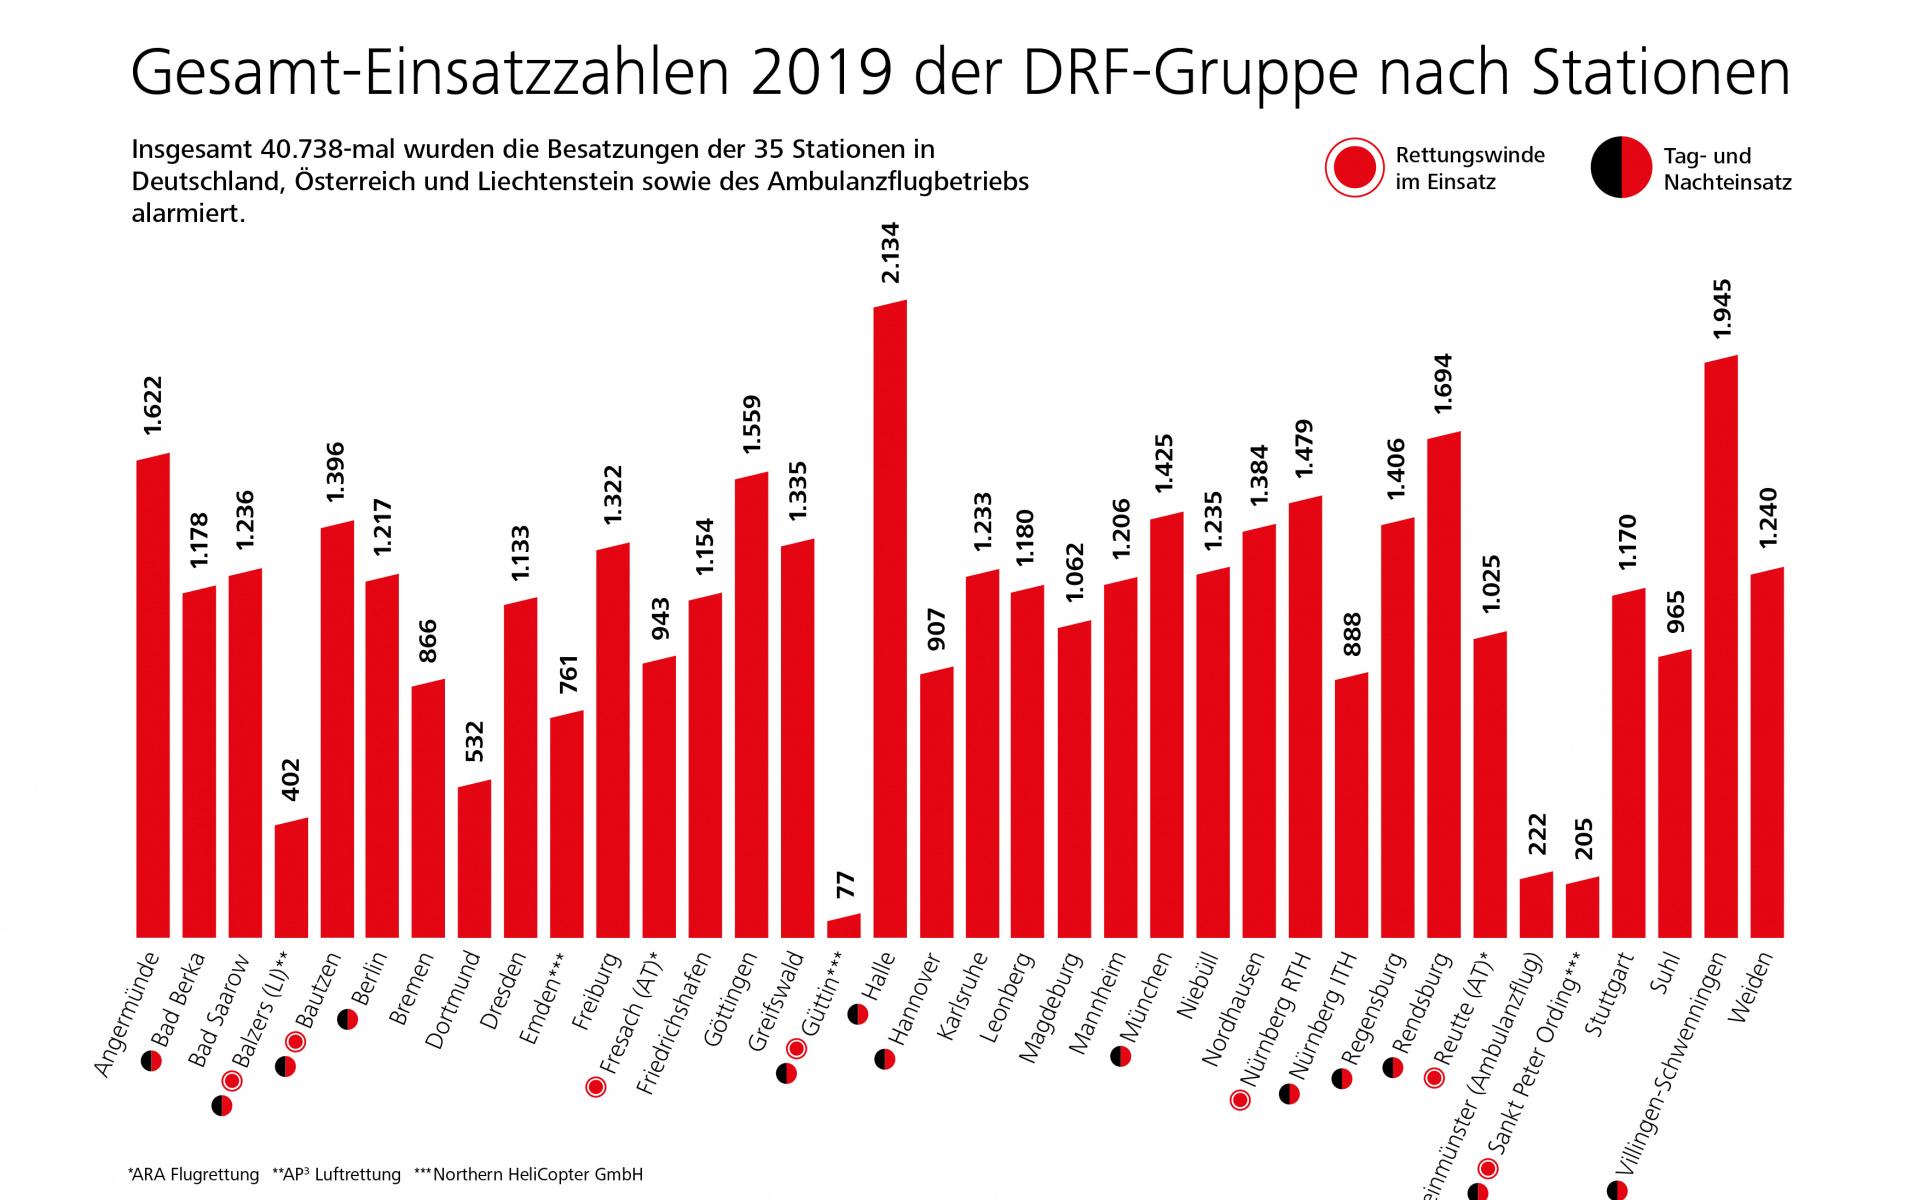 Infografik: Gesamteinsatzzahlen der DRF-Gruppe im Jahr 2019 nach Stationen.